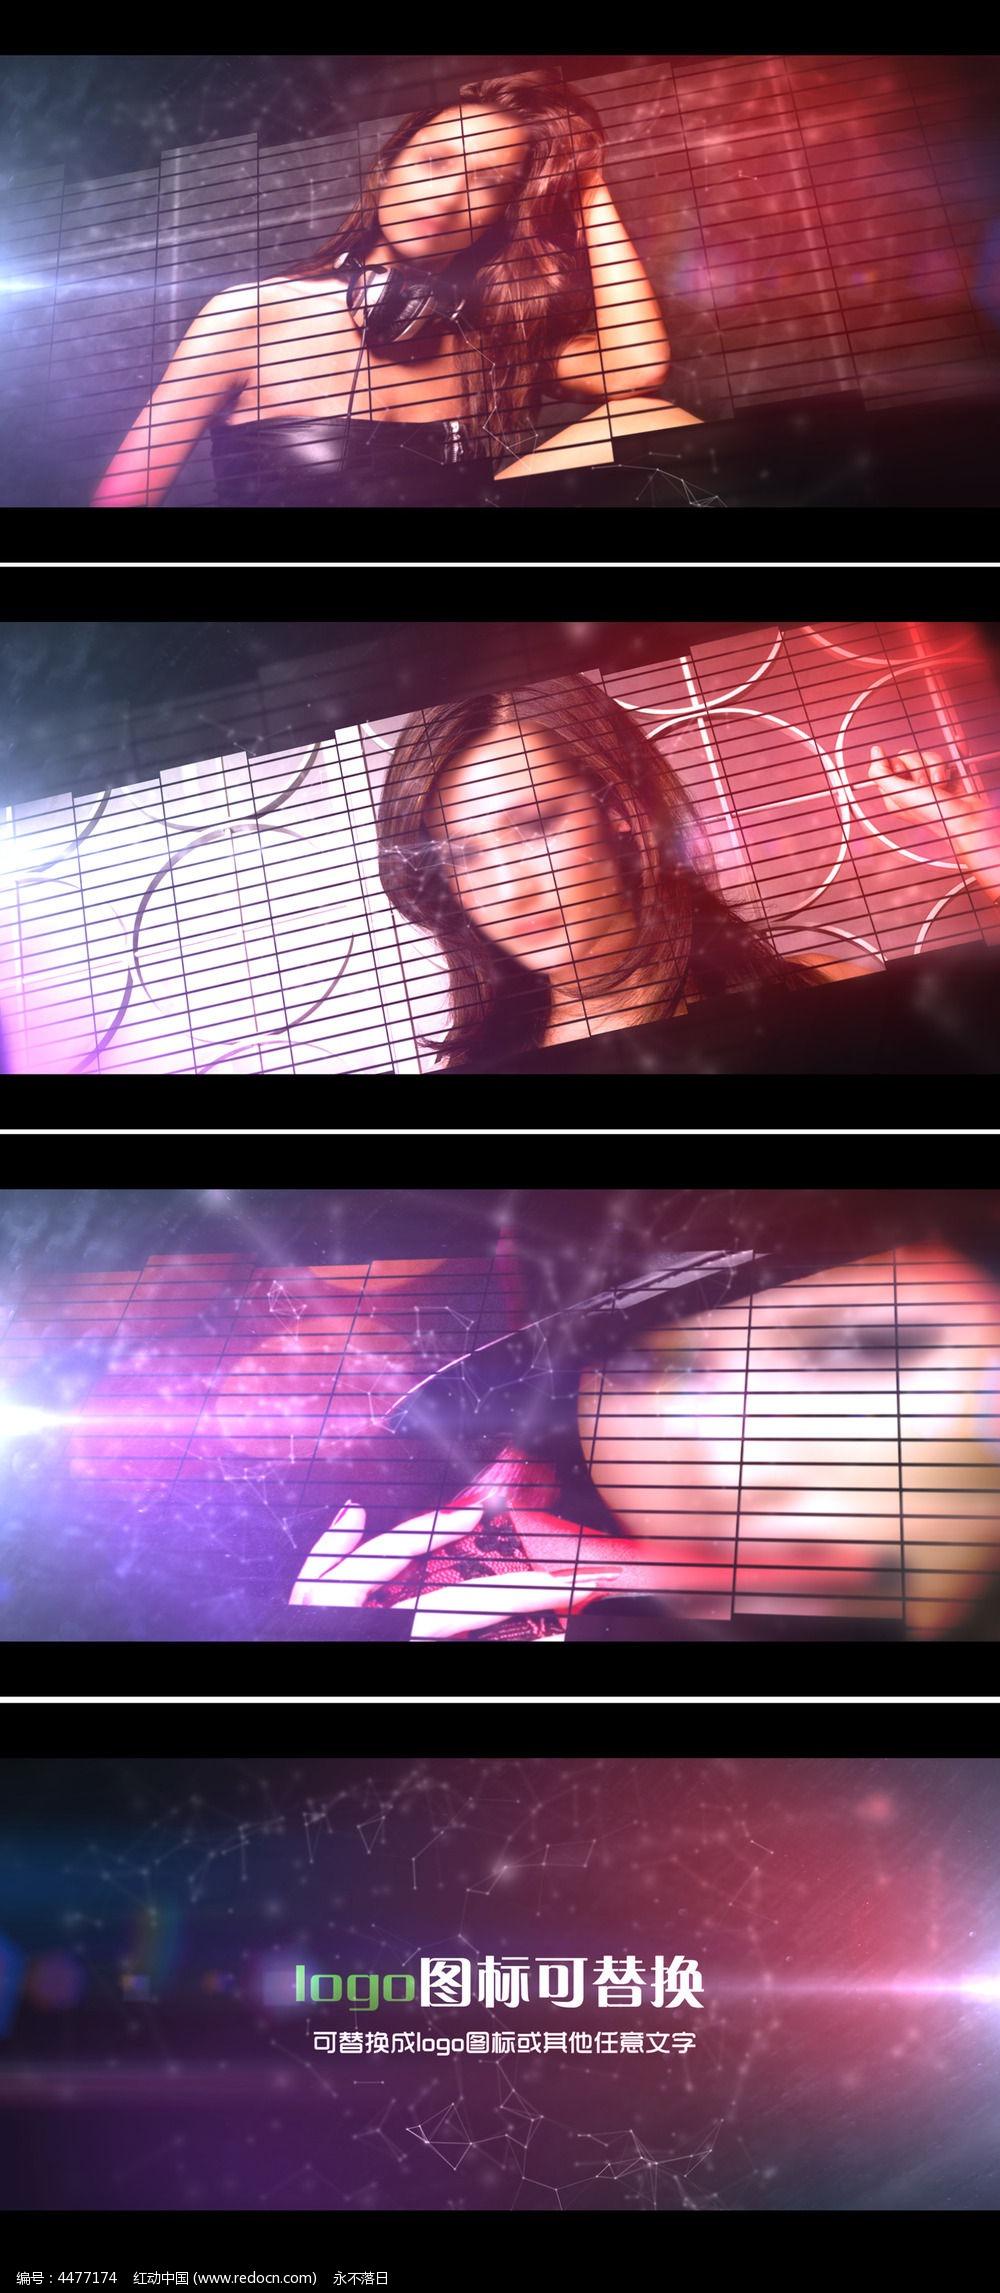 时尚娱乐电视节目视频宣传模板图片